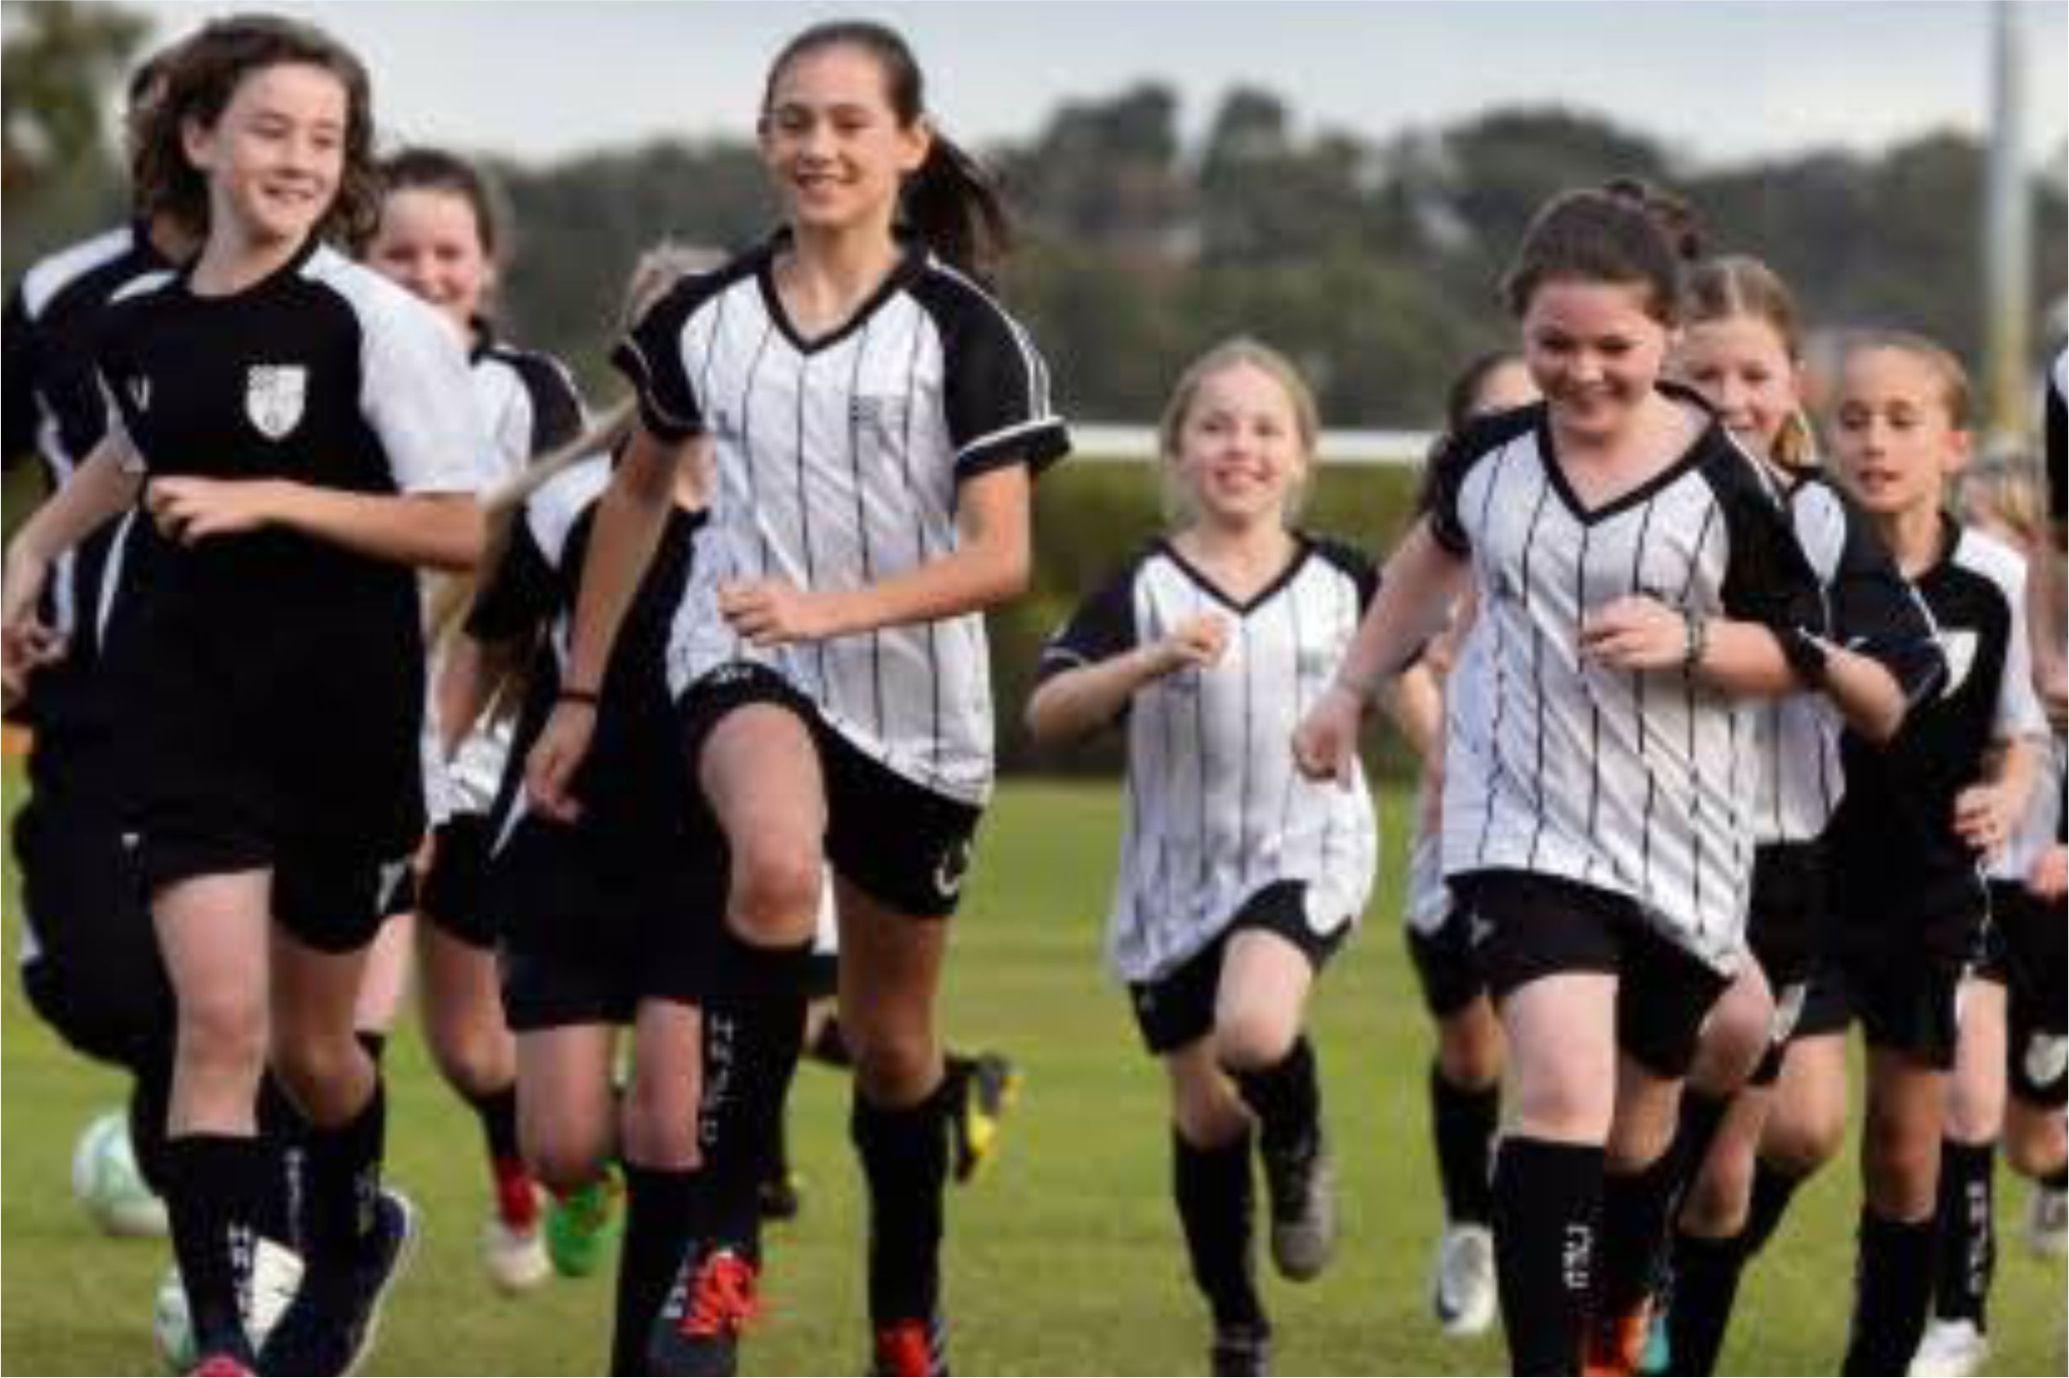 Girls_running_clip